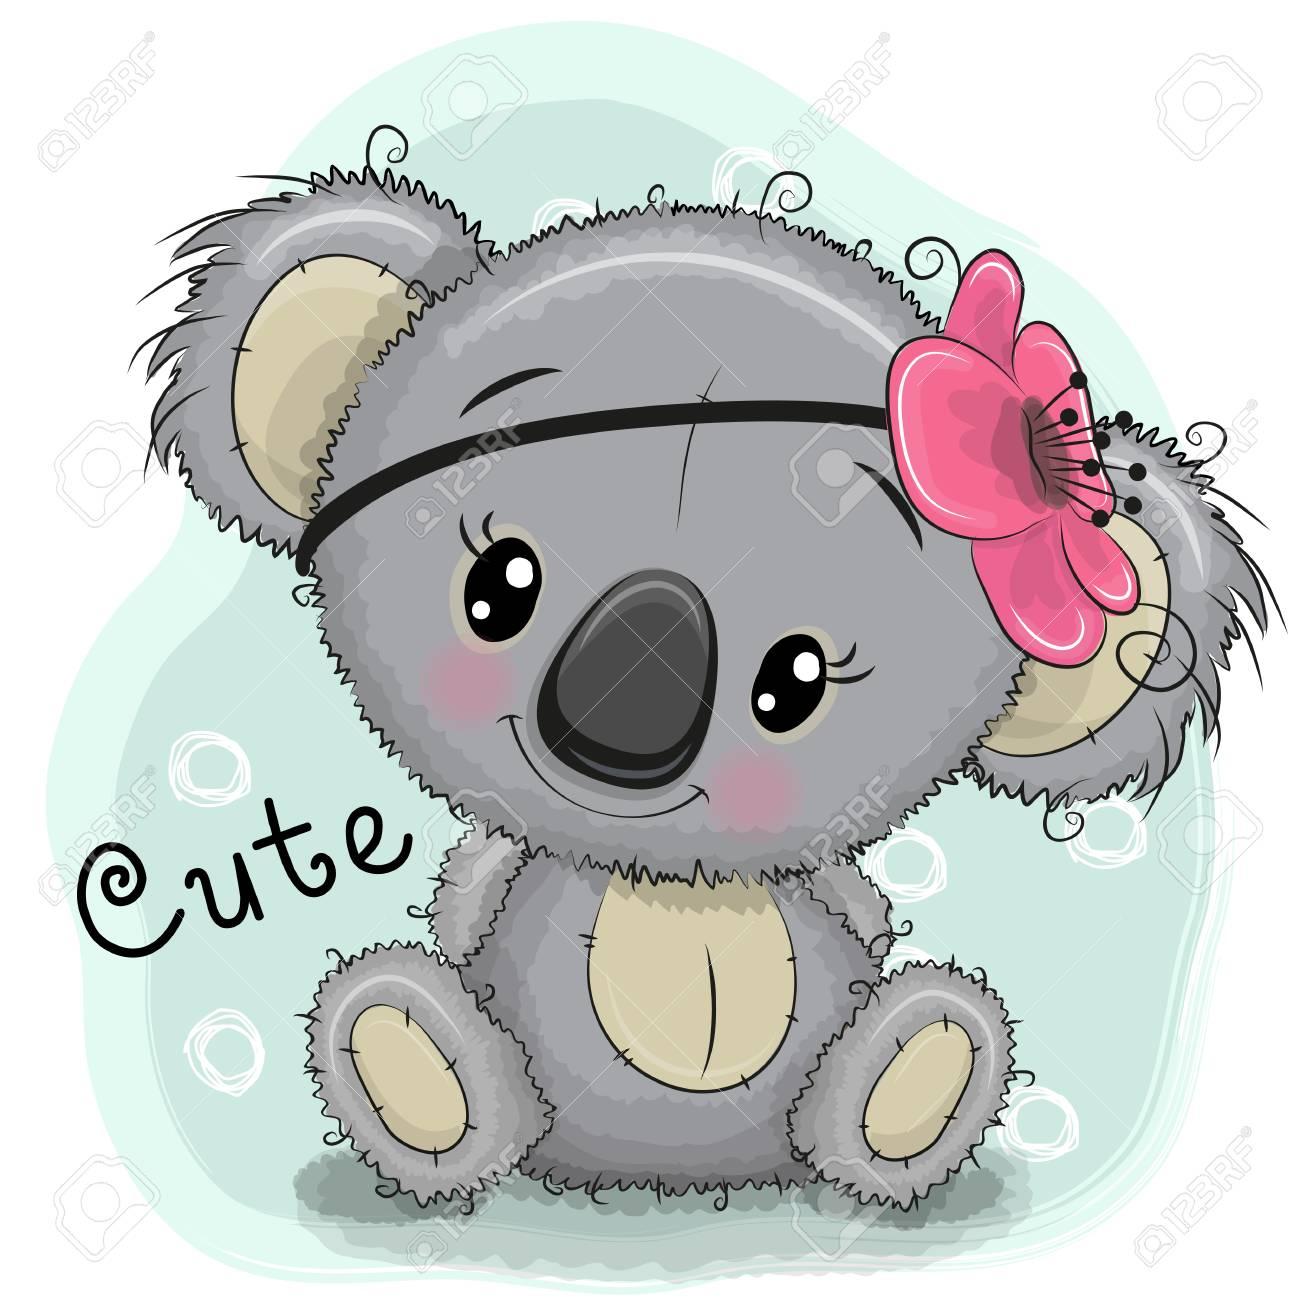 Fille De Koala Dessin Mignon Isole Sur Un Fond Bleu Clip Art Libres